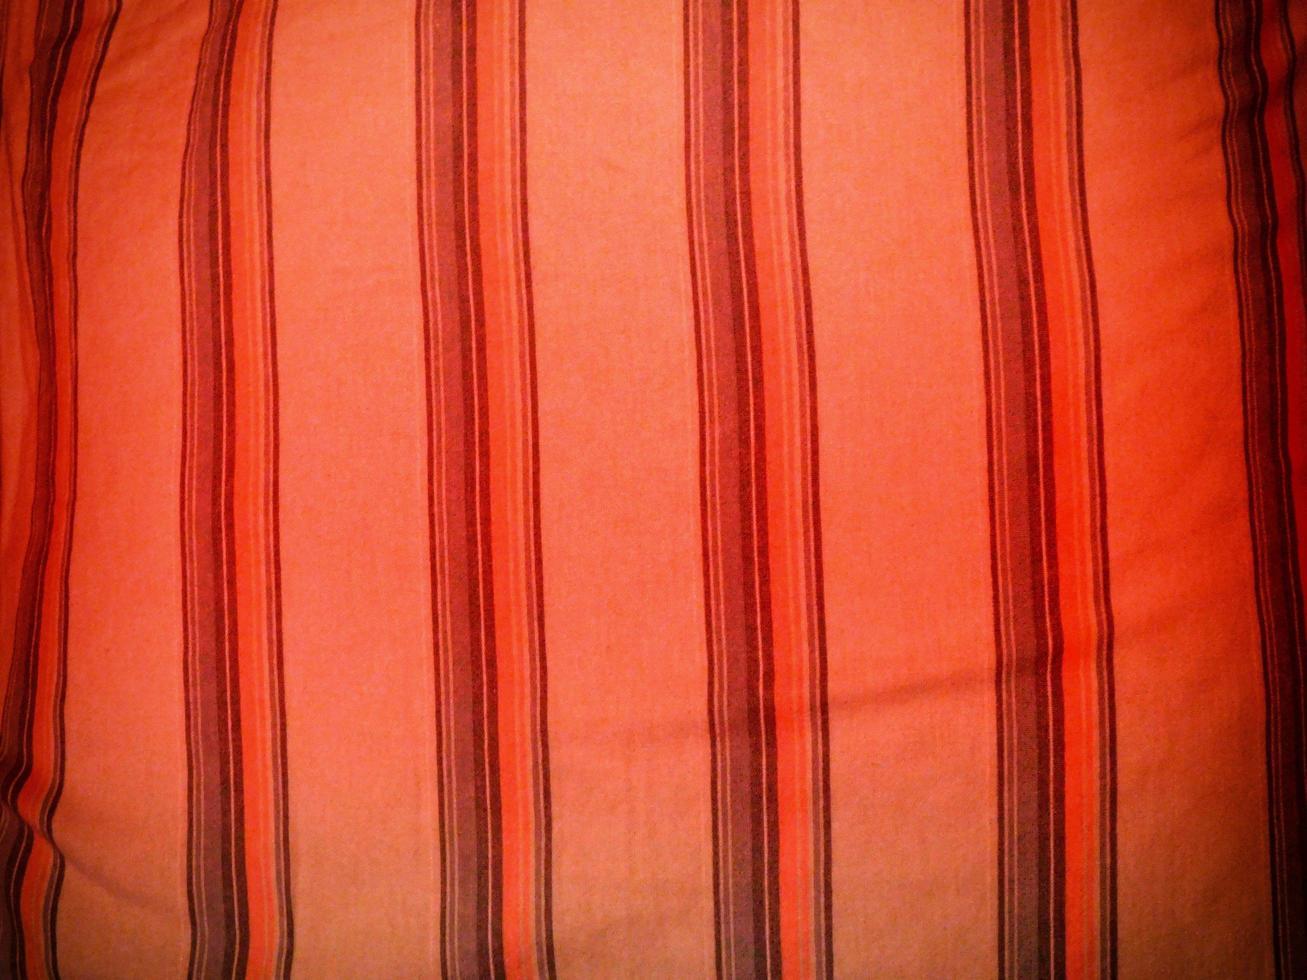 rode stof voor achtergrond of textuur foto